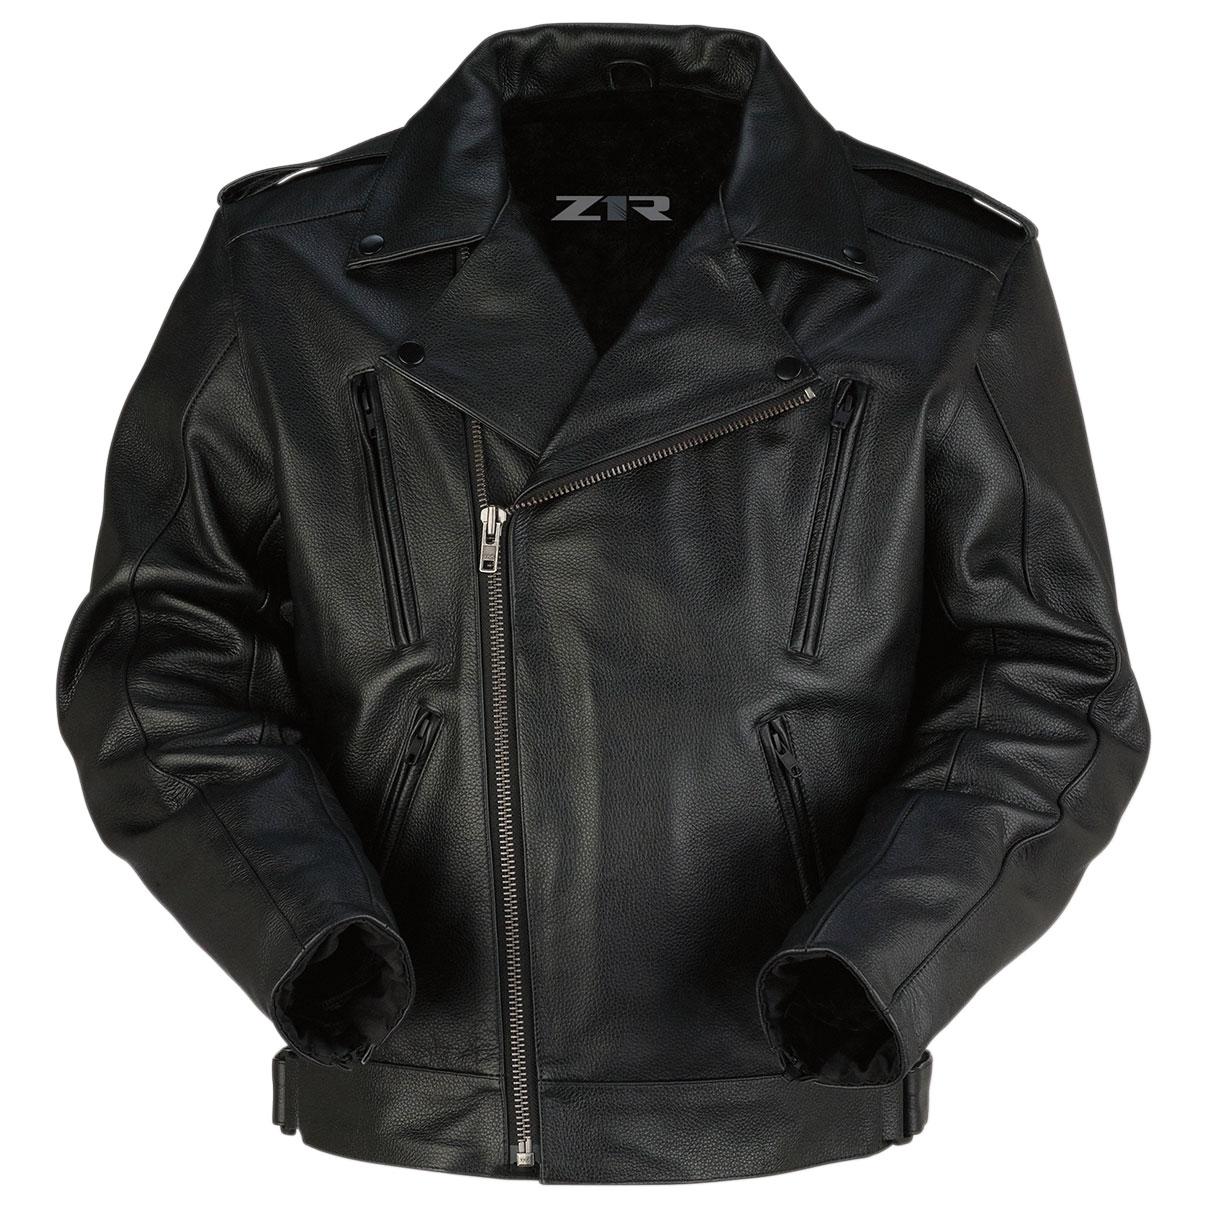 Z1R Men's Forge Black Leather Jacket